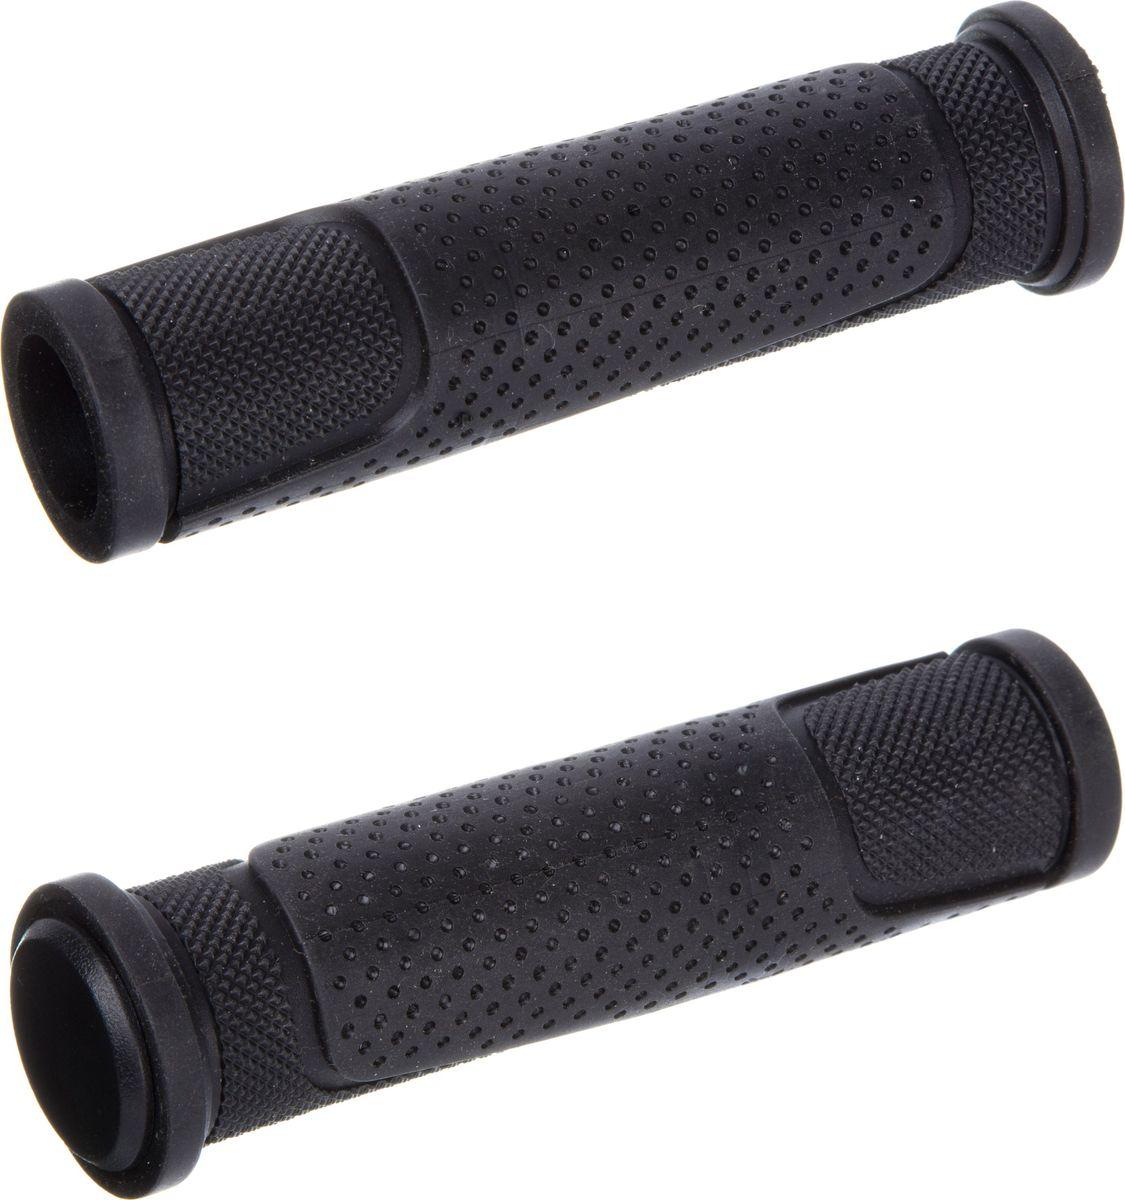 Грипсы STG HL-G305, цвет: черный, 135 ммZ90 blackГрипсы предназначены для увеличения сцепления рук с рулём. Длина 135 мм.